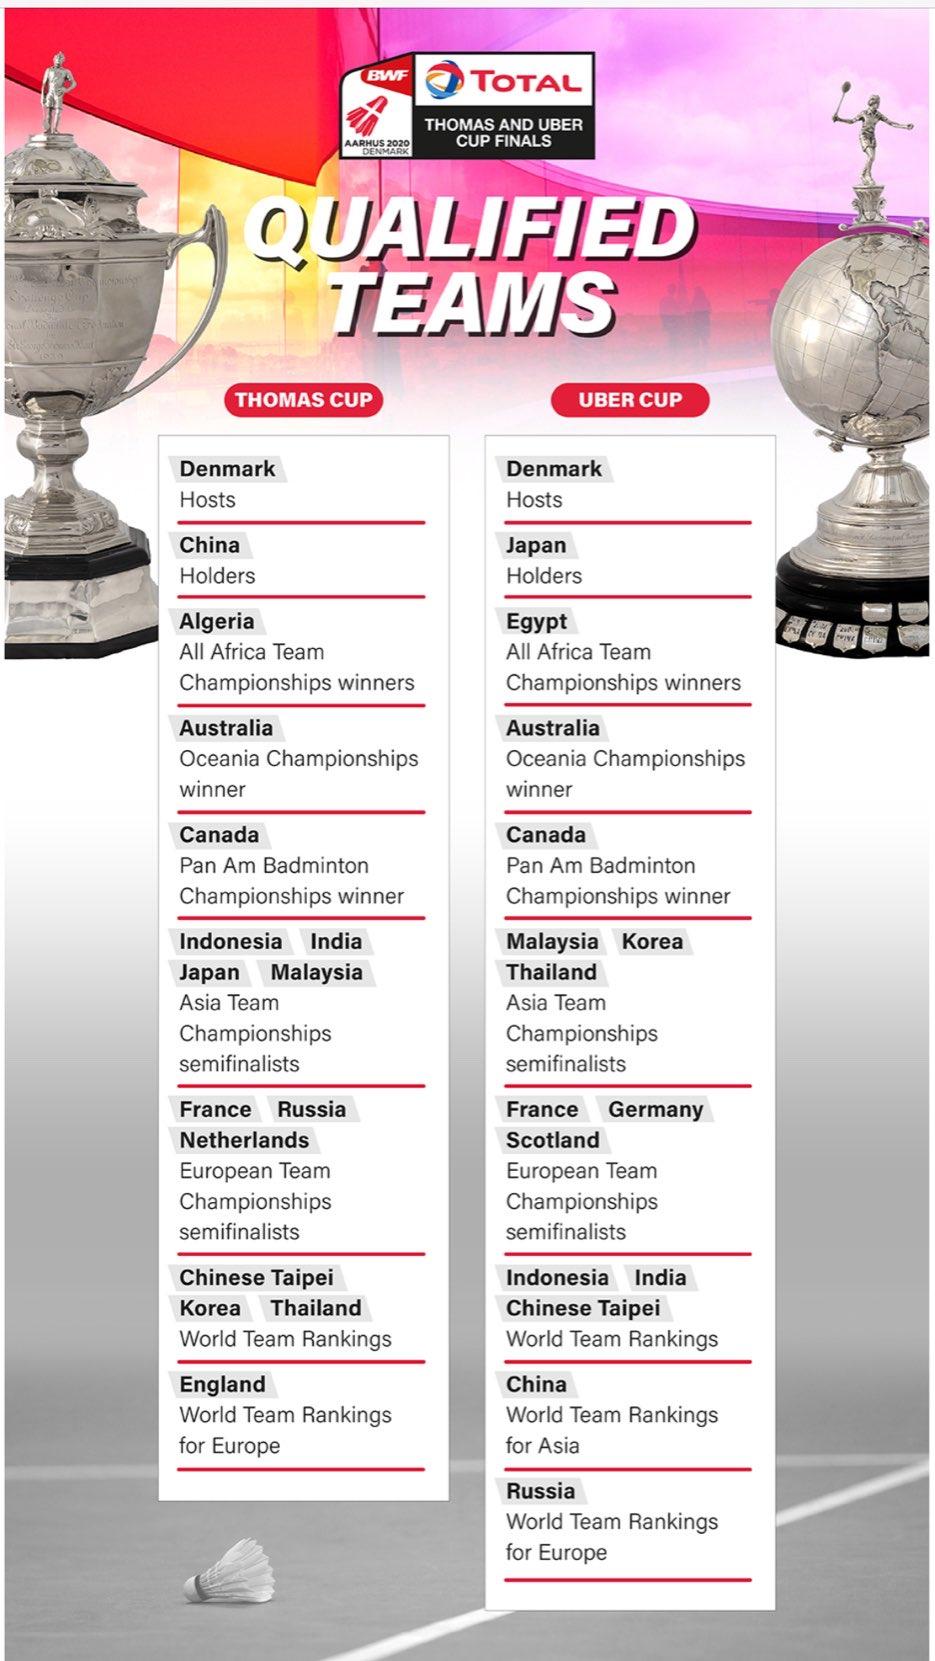 汤尤杯决赛圈名单出炉,国羽资格无虞中国香港无缘